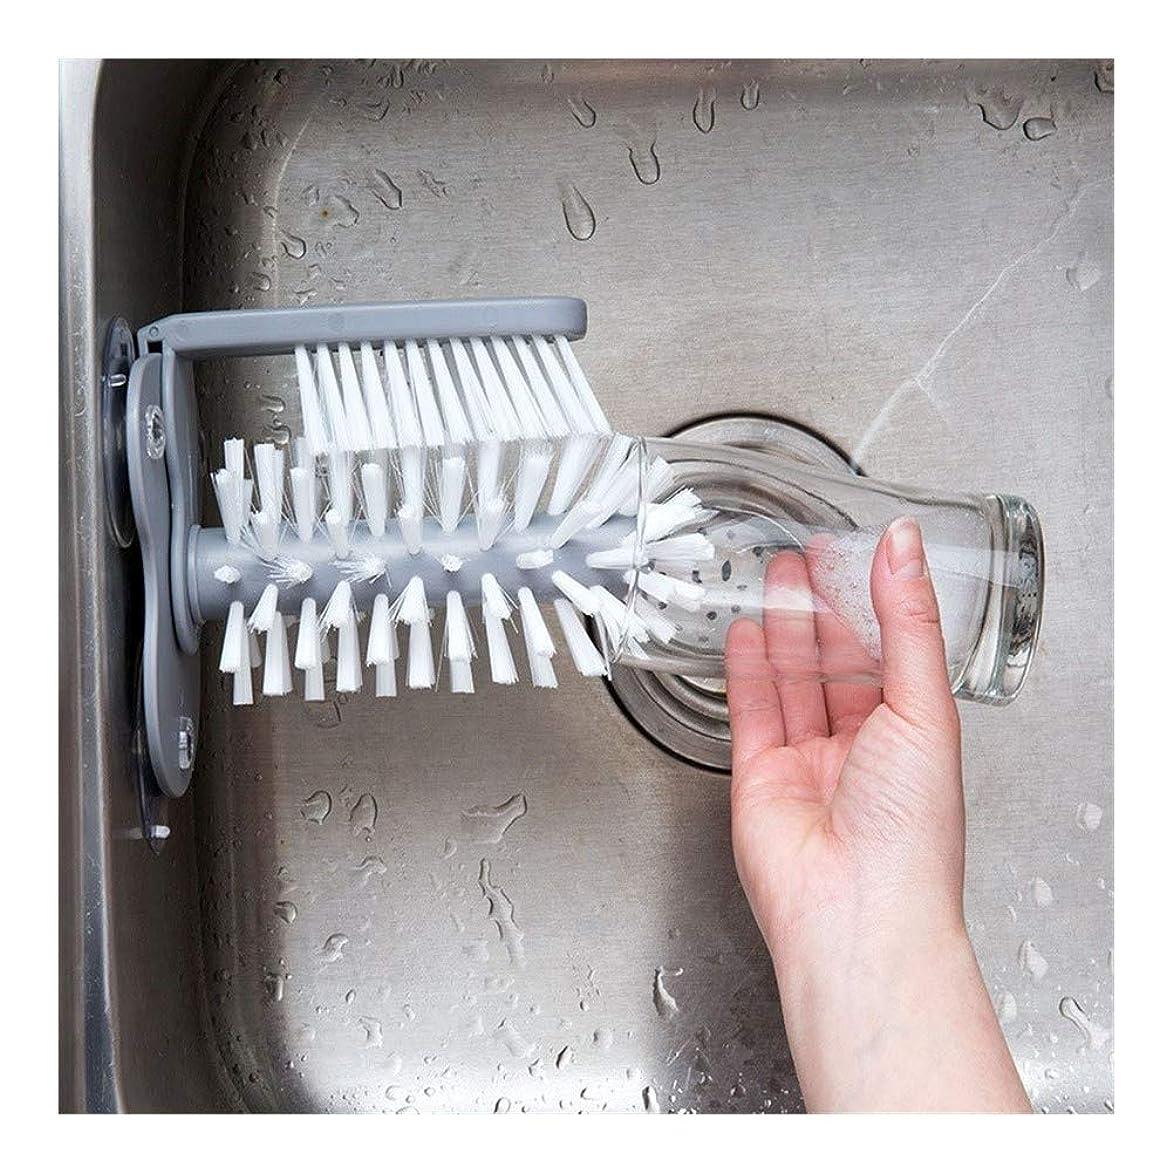 ブリーク落胆した無力YouNITE ガラス洗濯機シンク吸盤ベースクリーニングボトルガラスブラシ浴室ツール (Color : Gray)